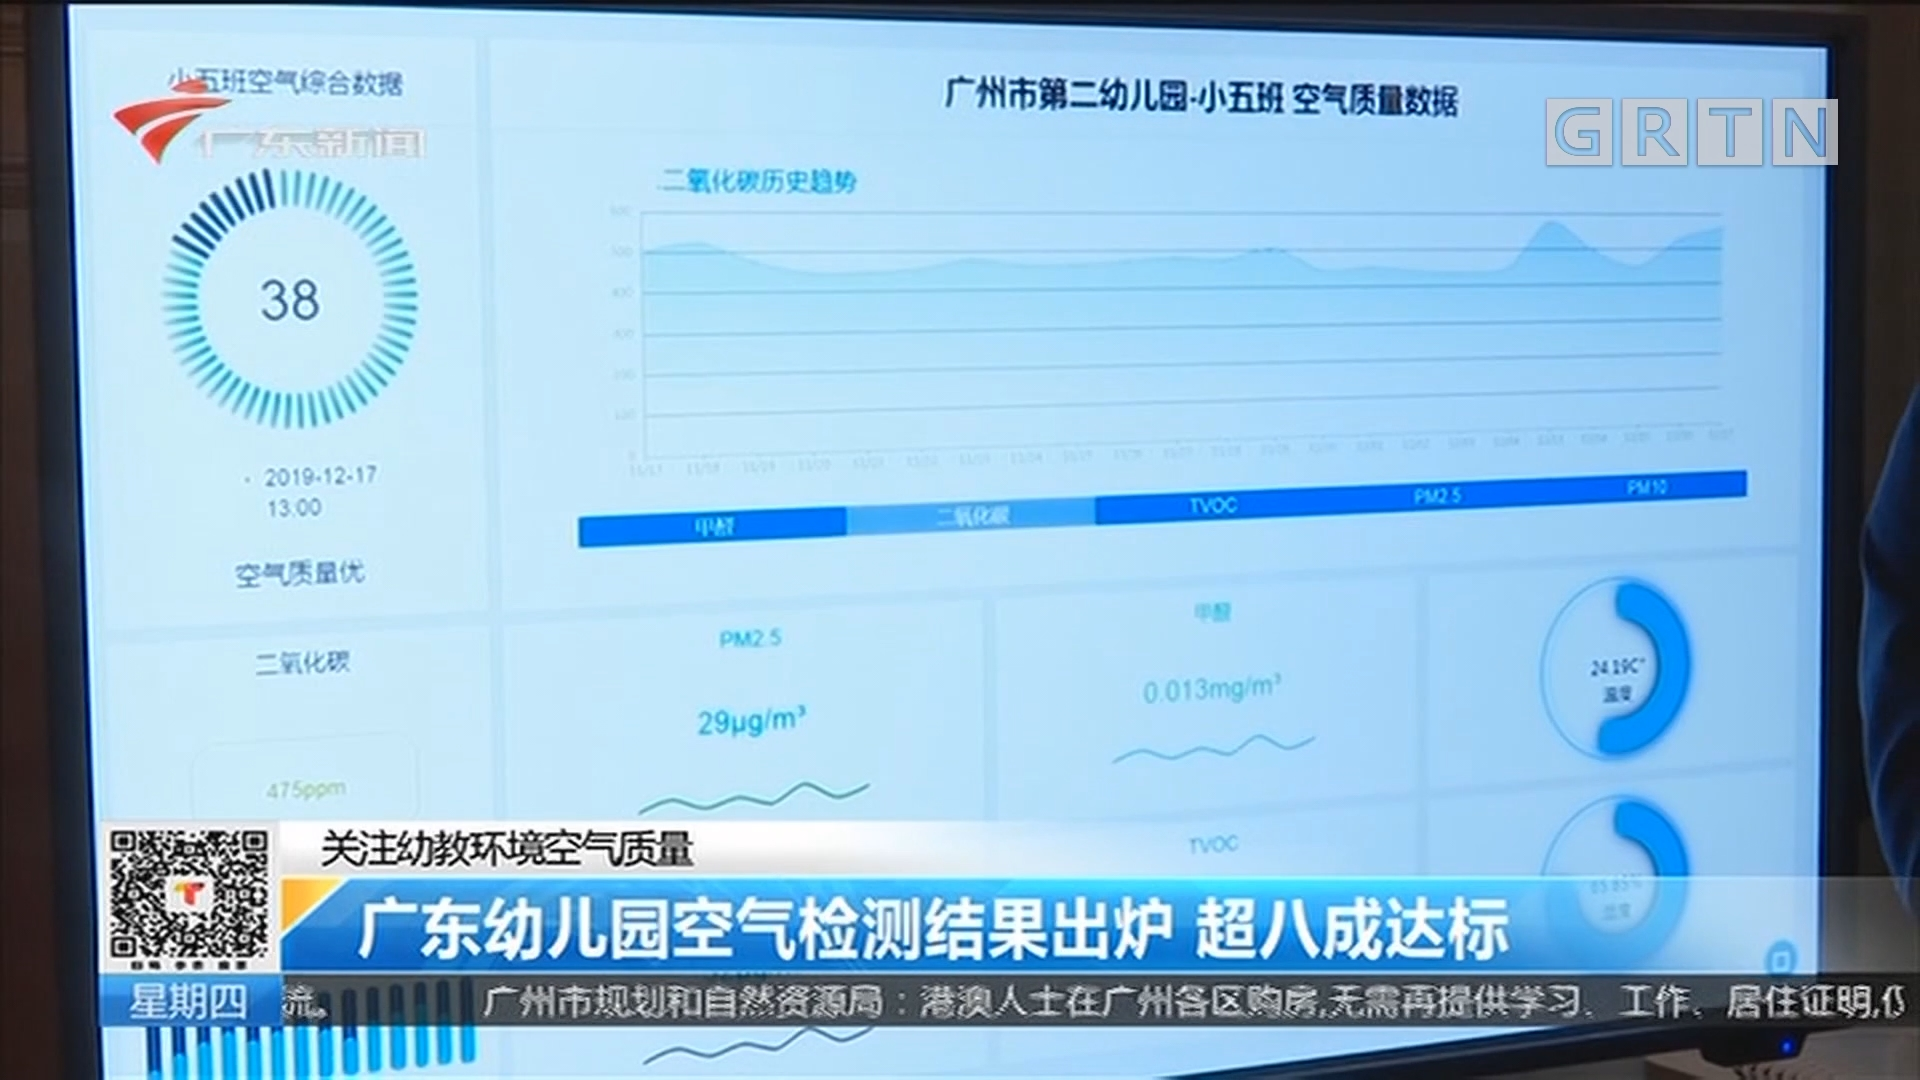 关注幼教环境空气质量 广东幼儿园空气检测结果出炉 超八成达标